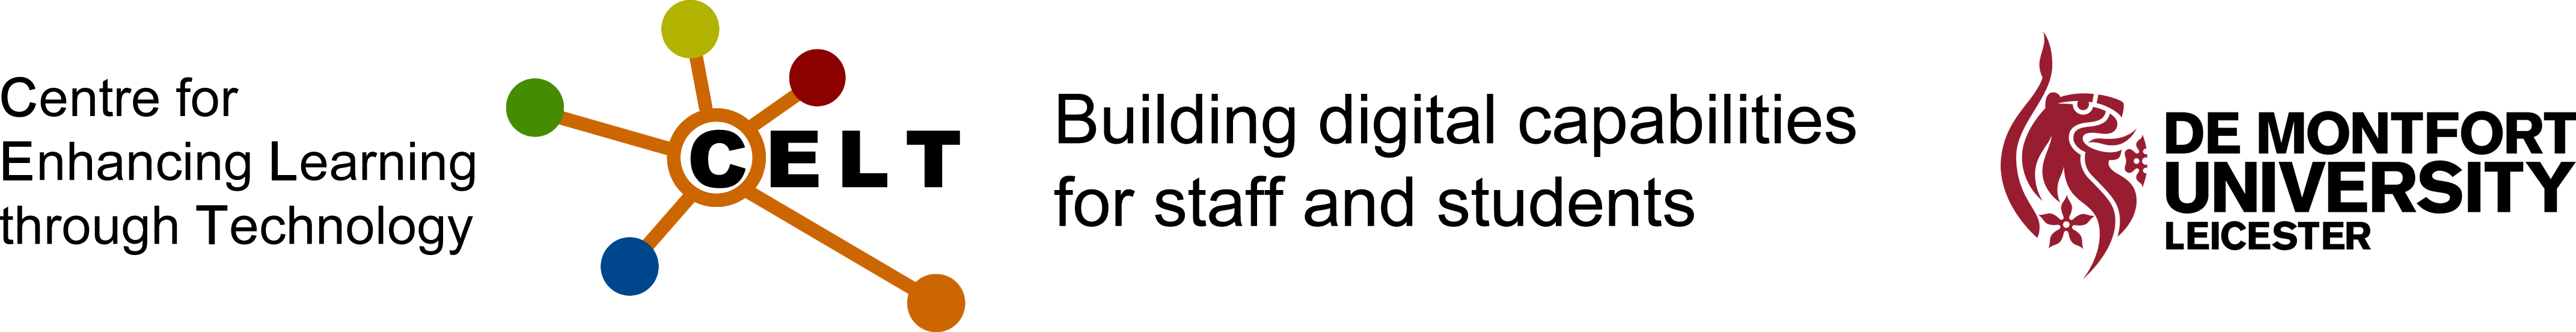 CELT Hub